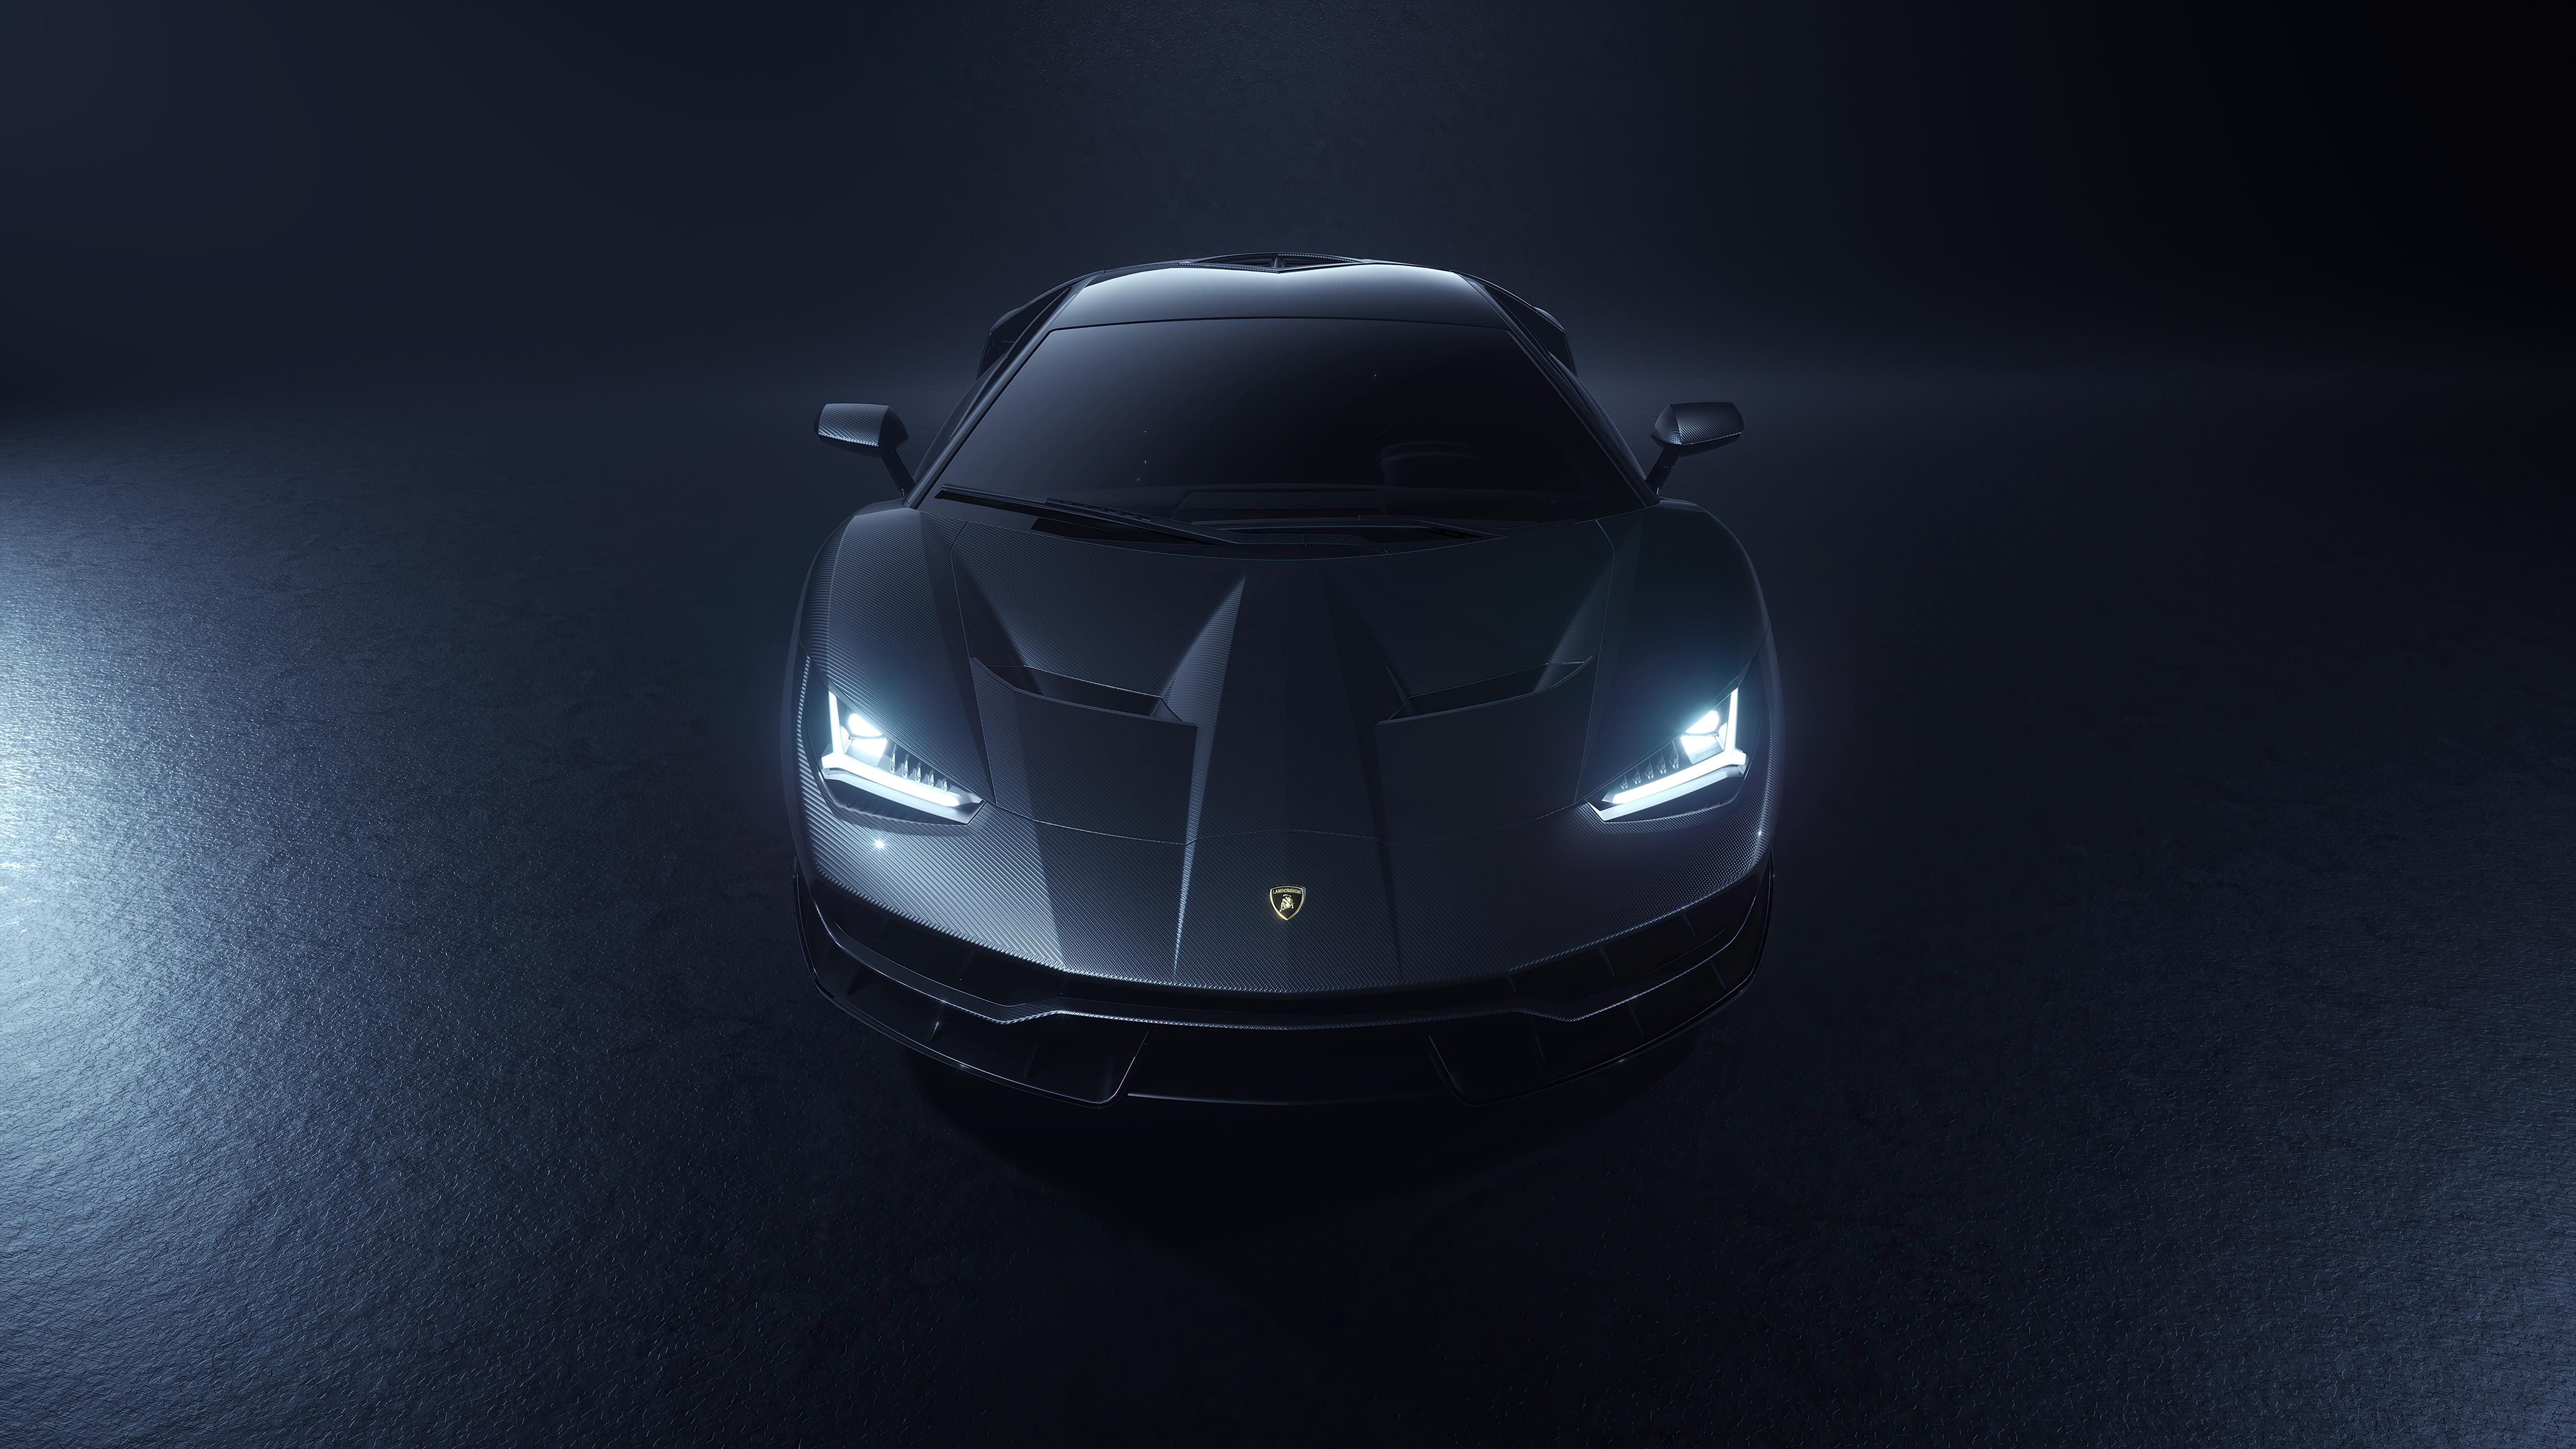 lamborghini centenario grey front 4k 1620170853 - Lamborghini Centenario Grey Front 4k - Lamborghini Centenario Grey Front 4k wallpapers